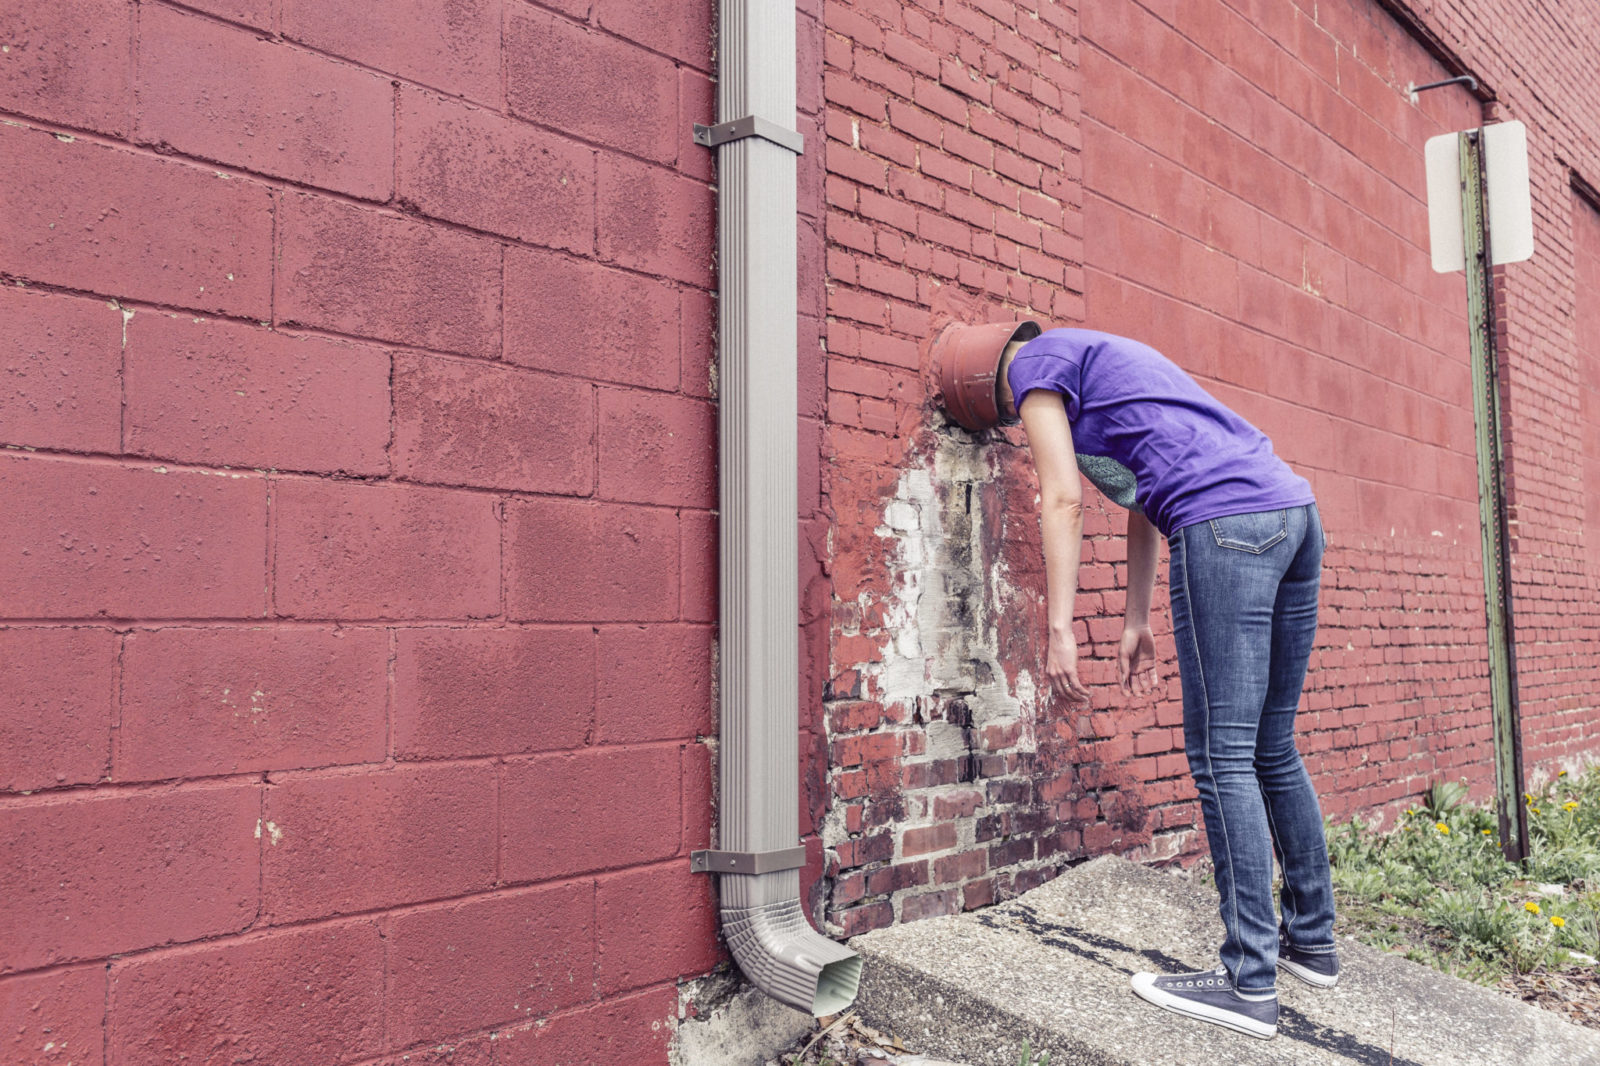 Kobieta w niebieskiej koszulce i dżinsach ma wiadro na głowie i opiera się nim o ścianę z czerwonych cegieł